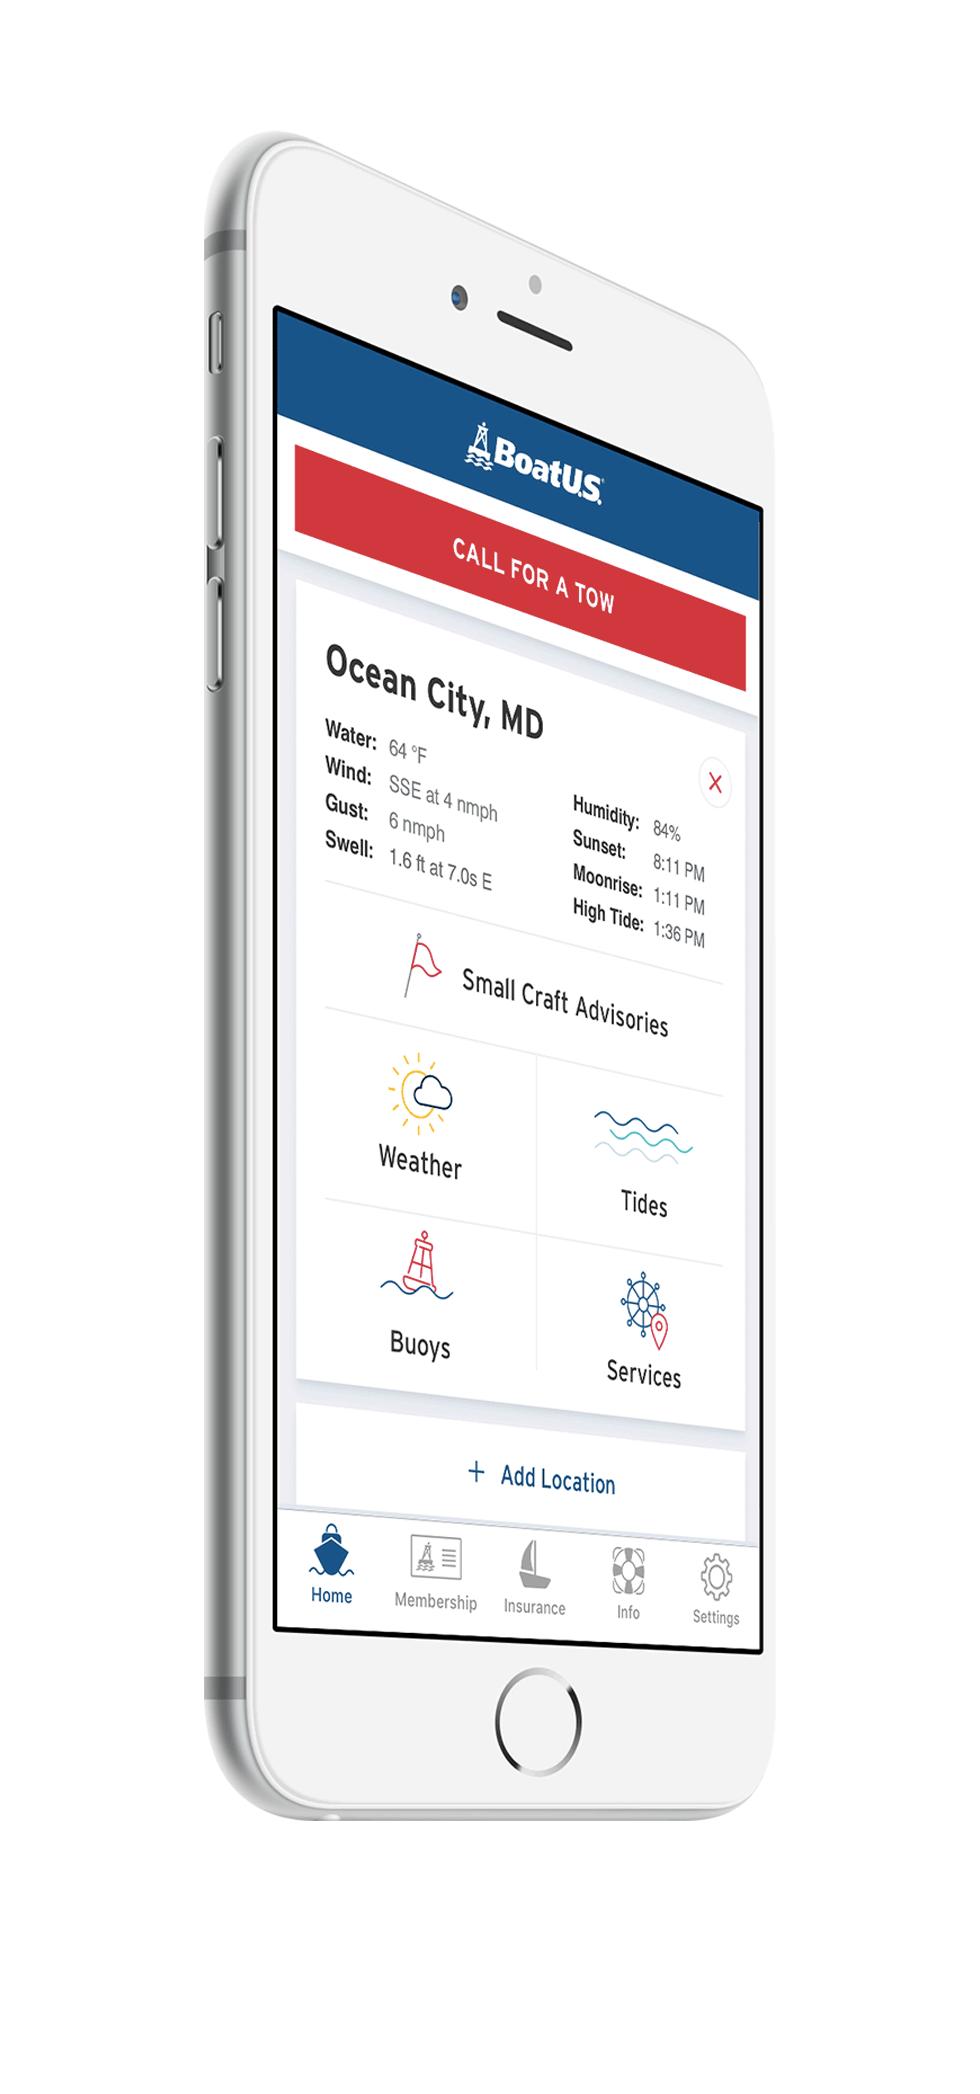 Aplicación GEICO mobile | Kit GEICO de bote